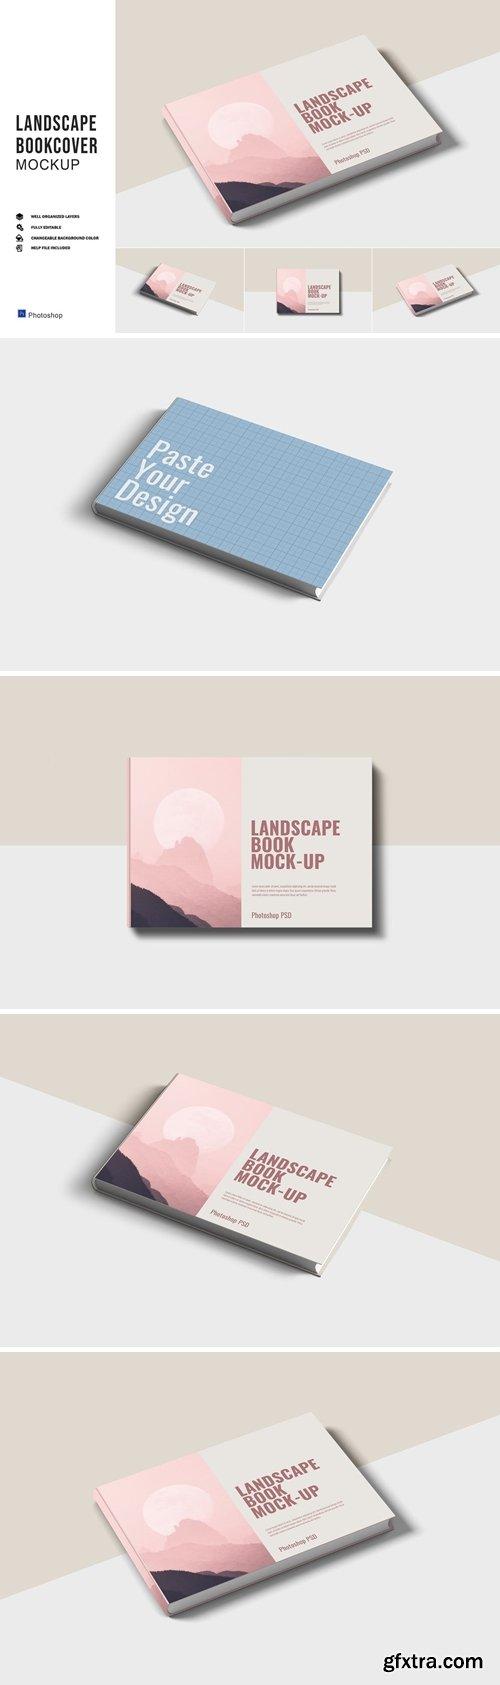 Landscape Bookcover Mockups